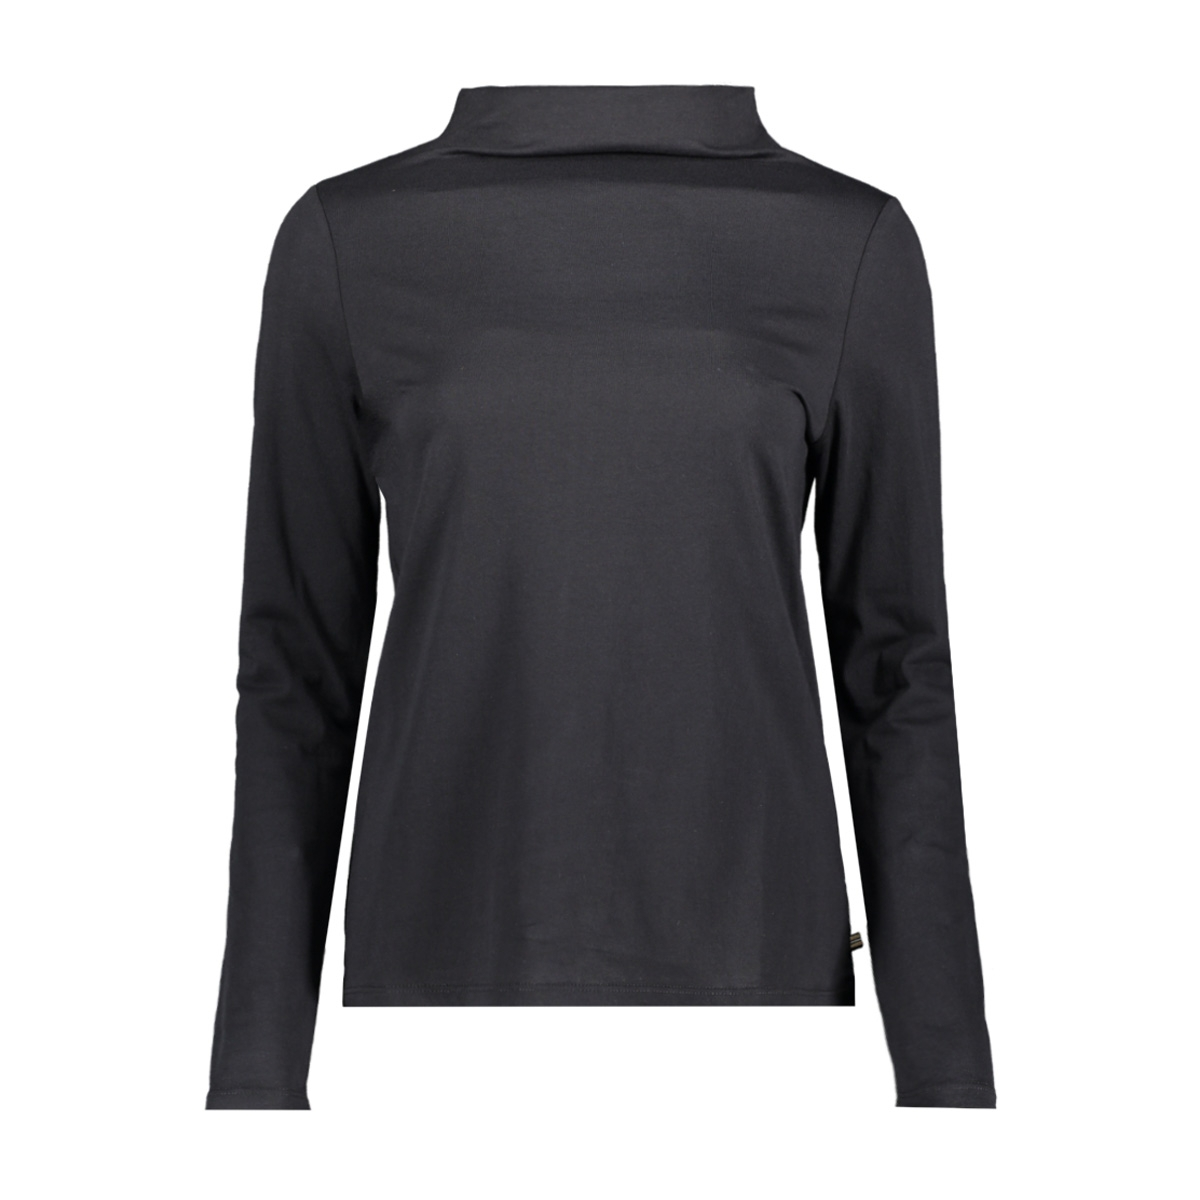 longsleeve met staande kraag 129ee1k042 esprit t-shirt e001